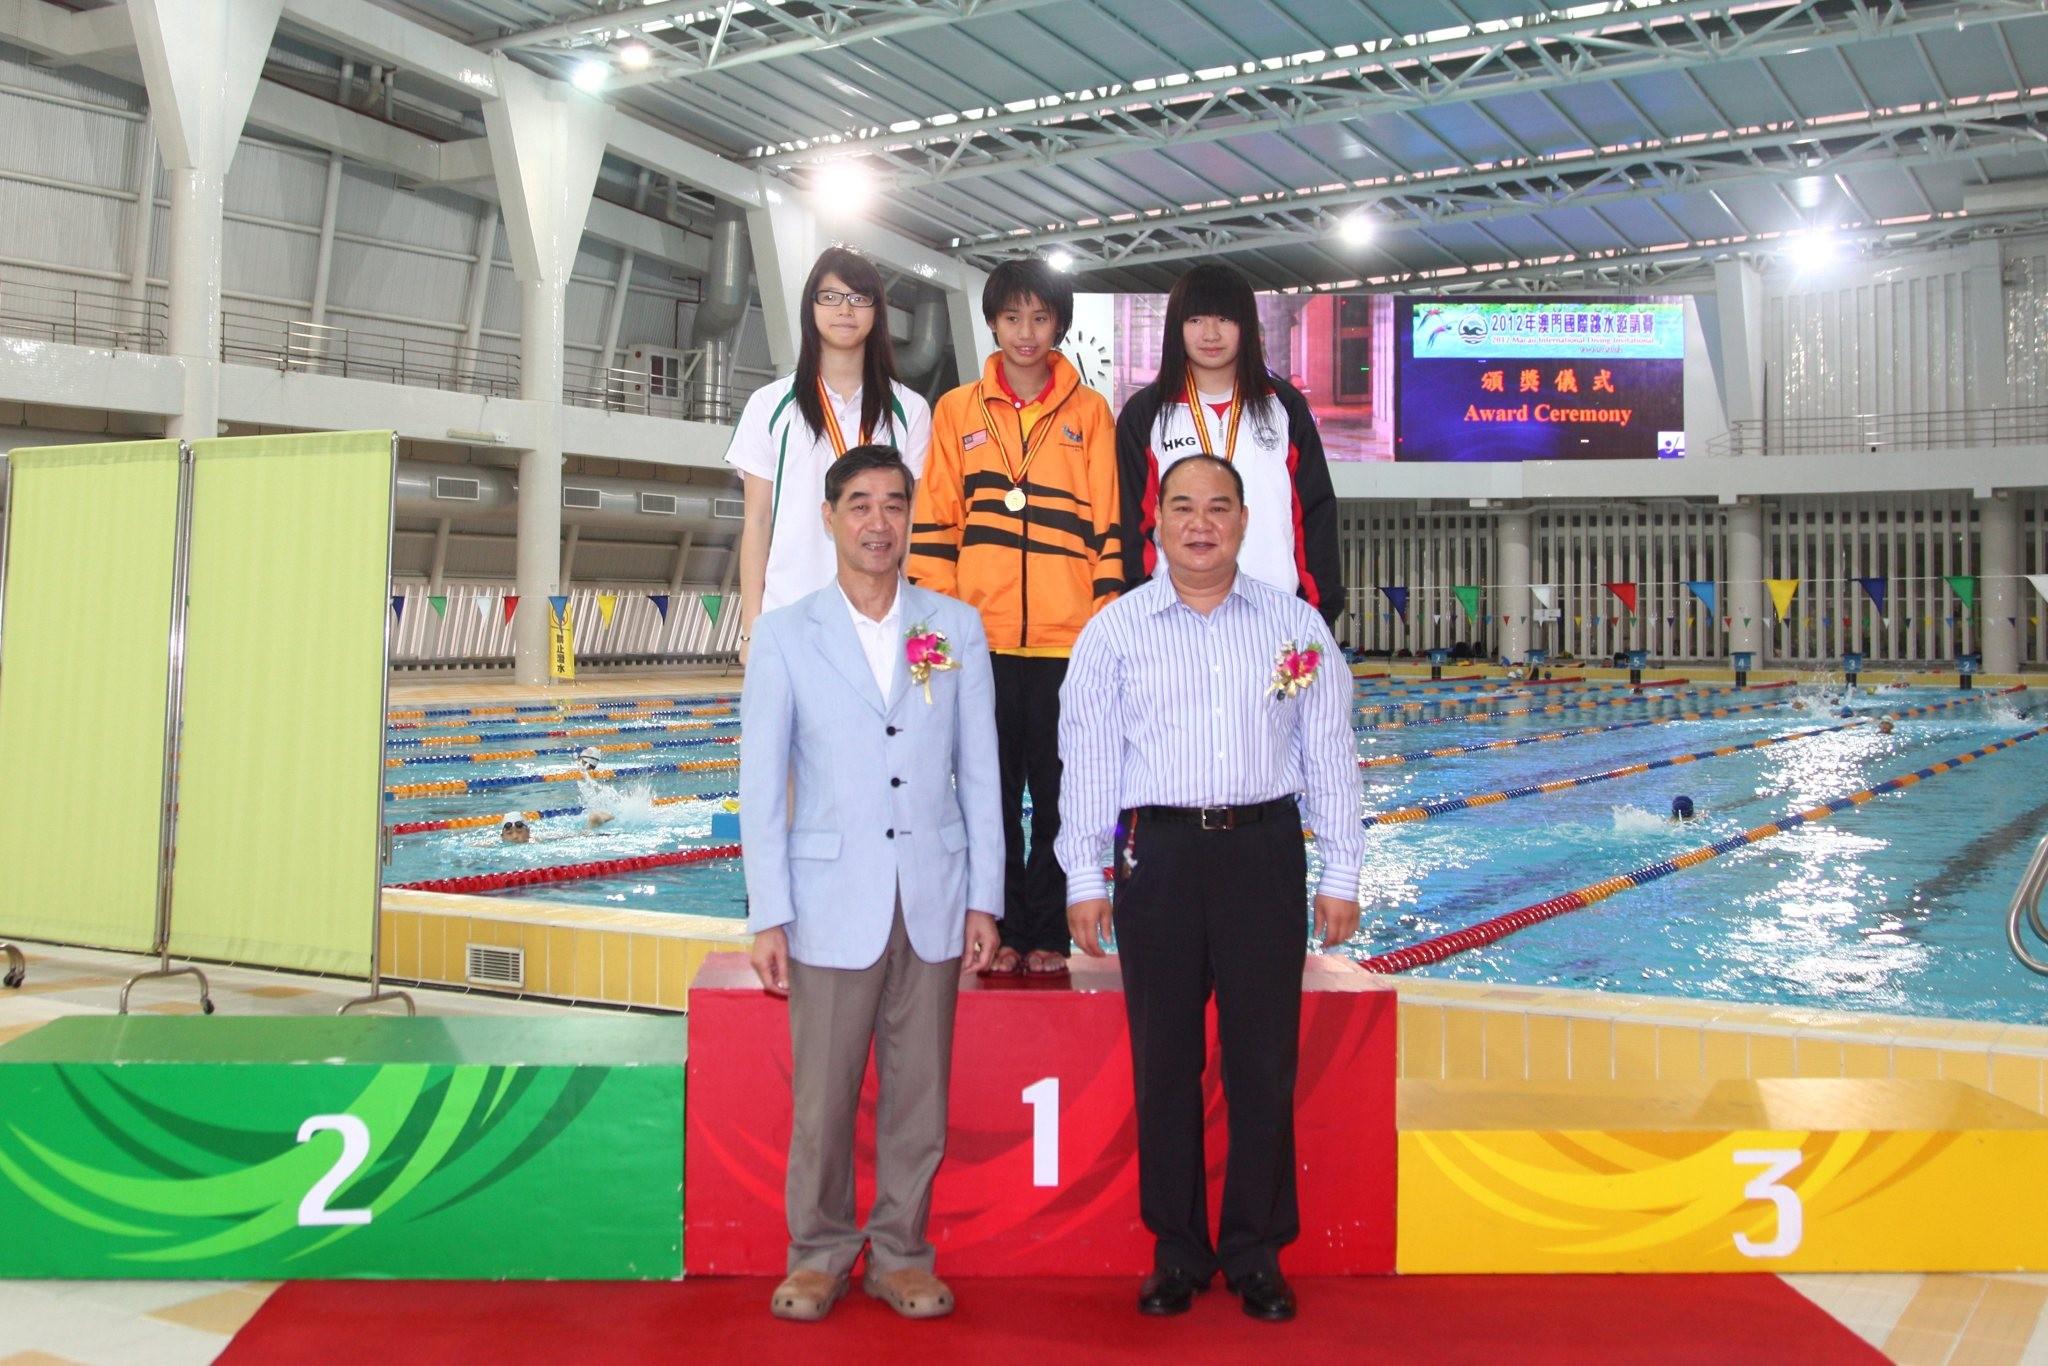 泳總名譽會長房勝棠、主席麥志權頒發女子B組三米板獎項。